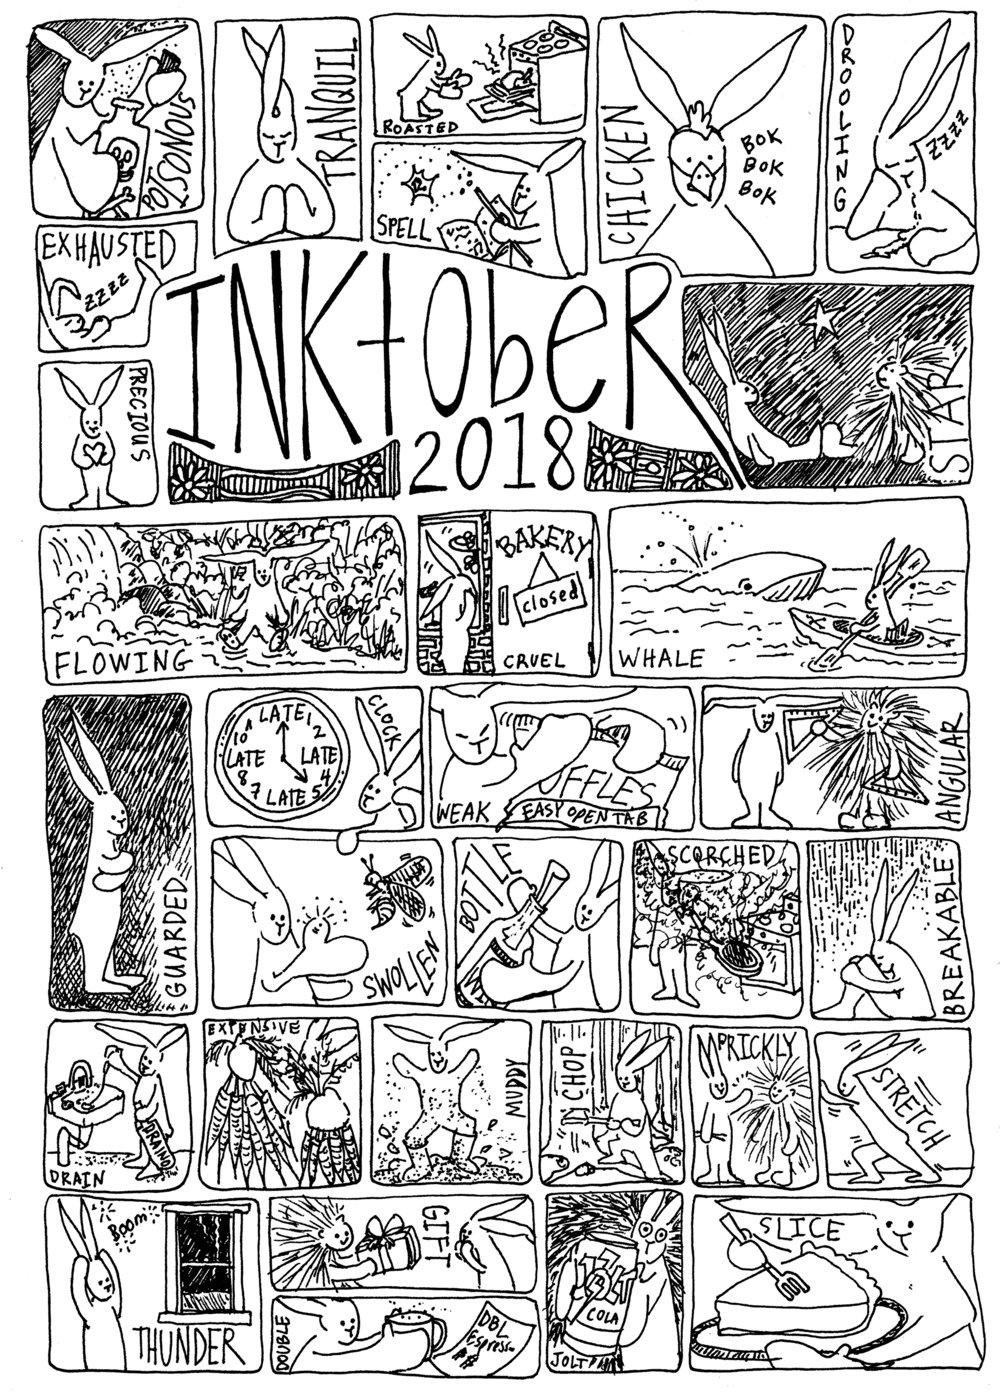 inktober-final-FB.jpg